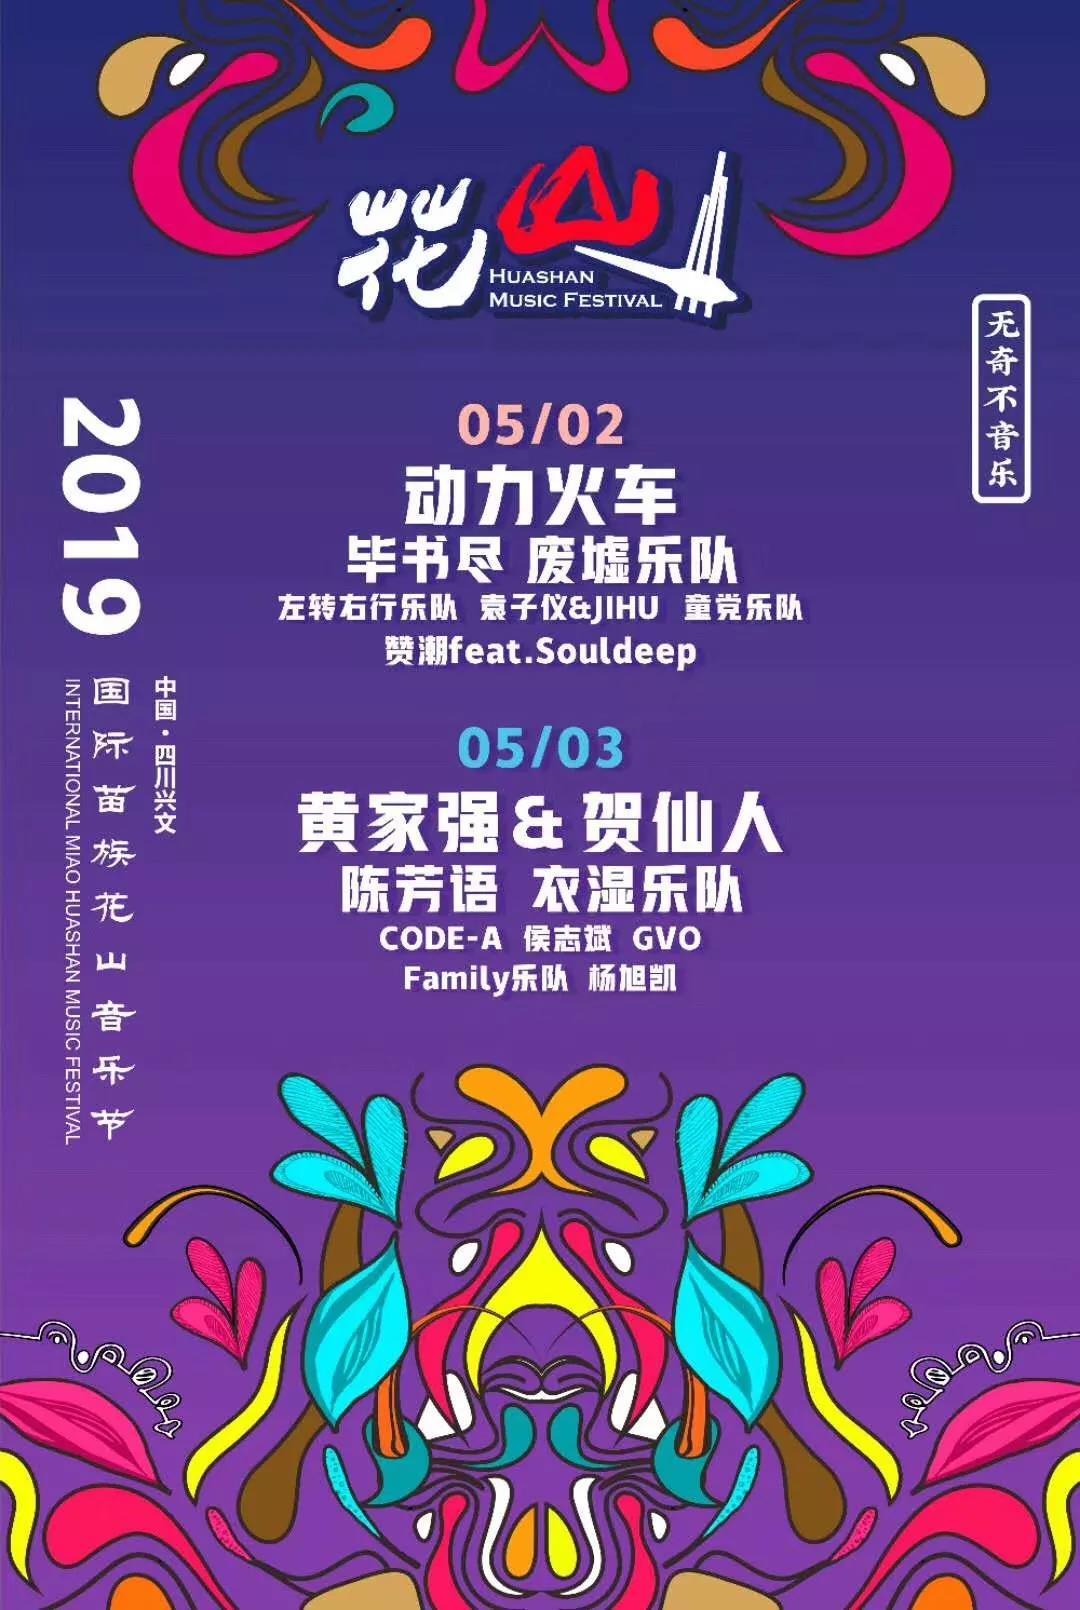 2019四川兴文国际苗族花山音乐节